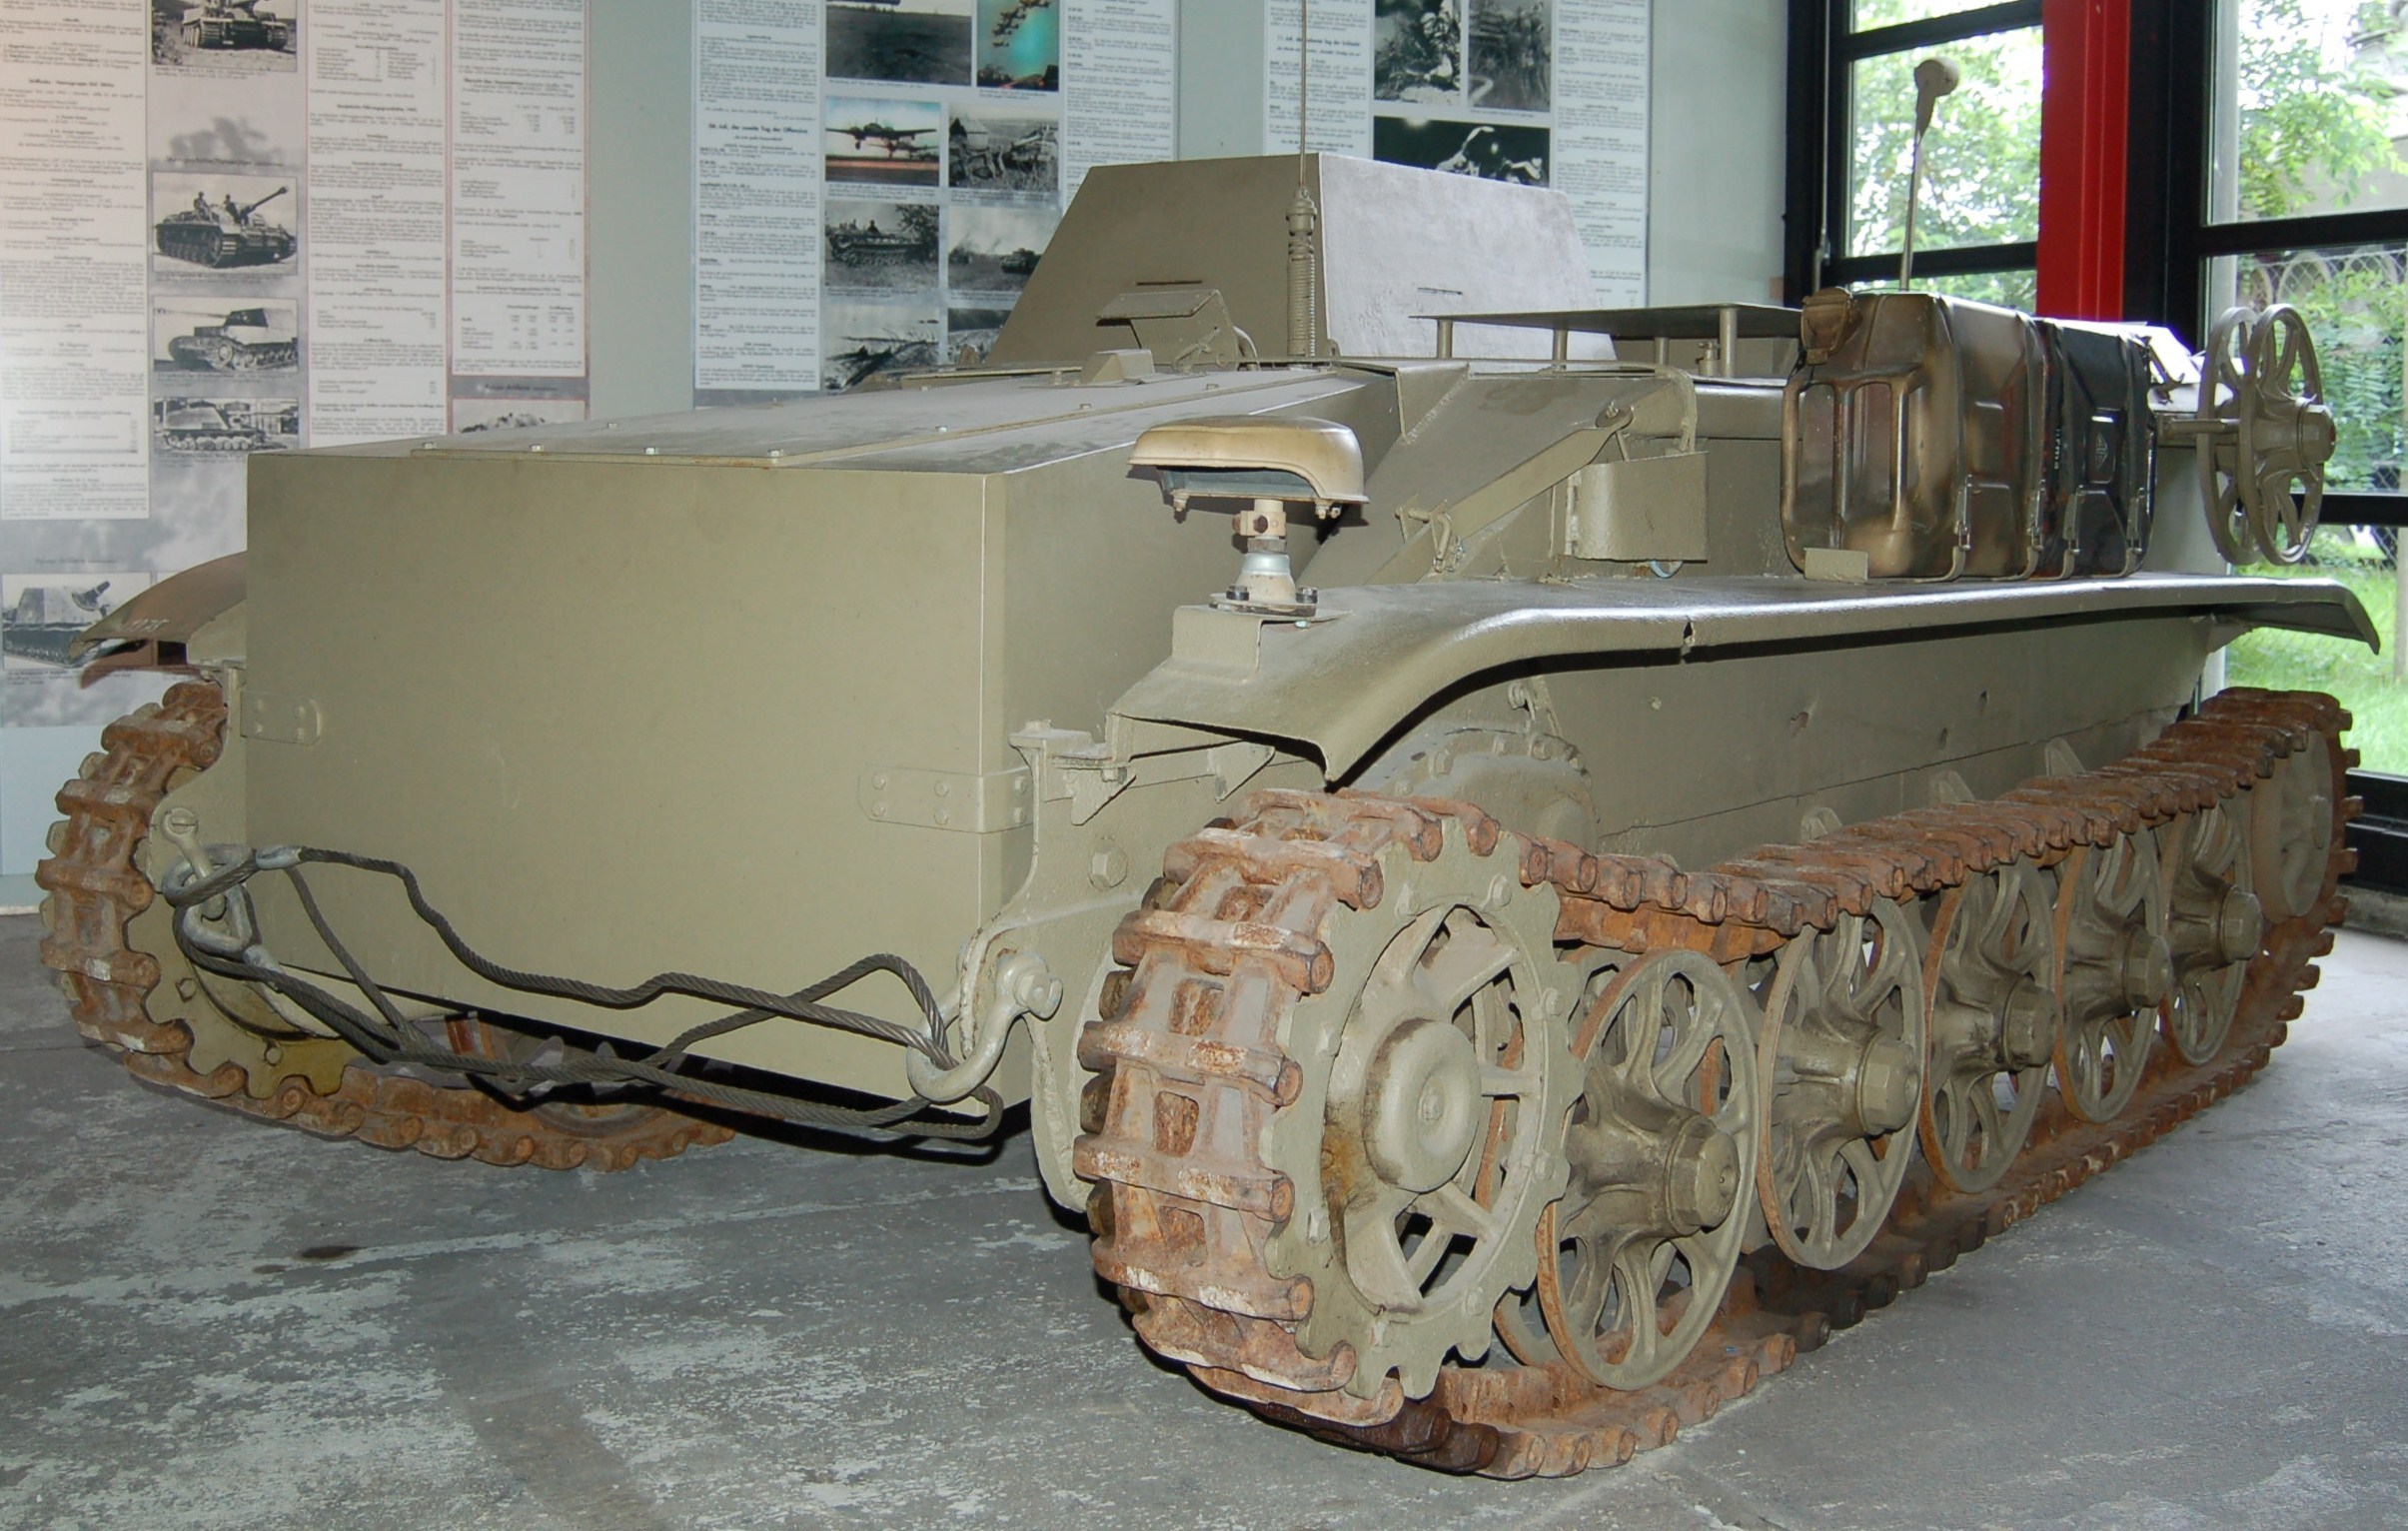 Borgward IV, radio controlled demolition vehicle